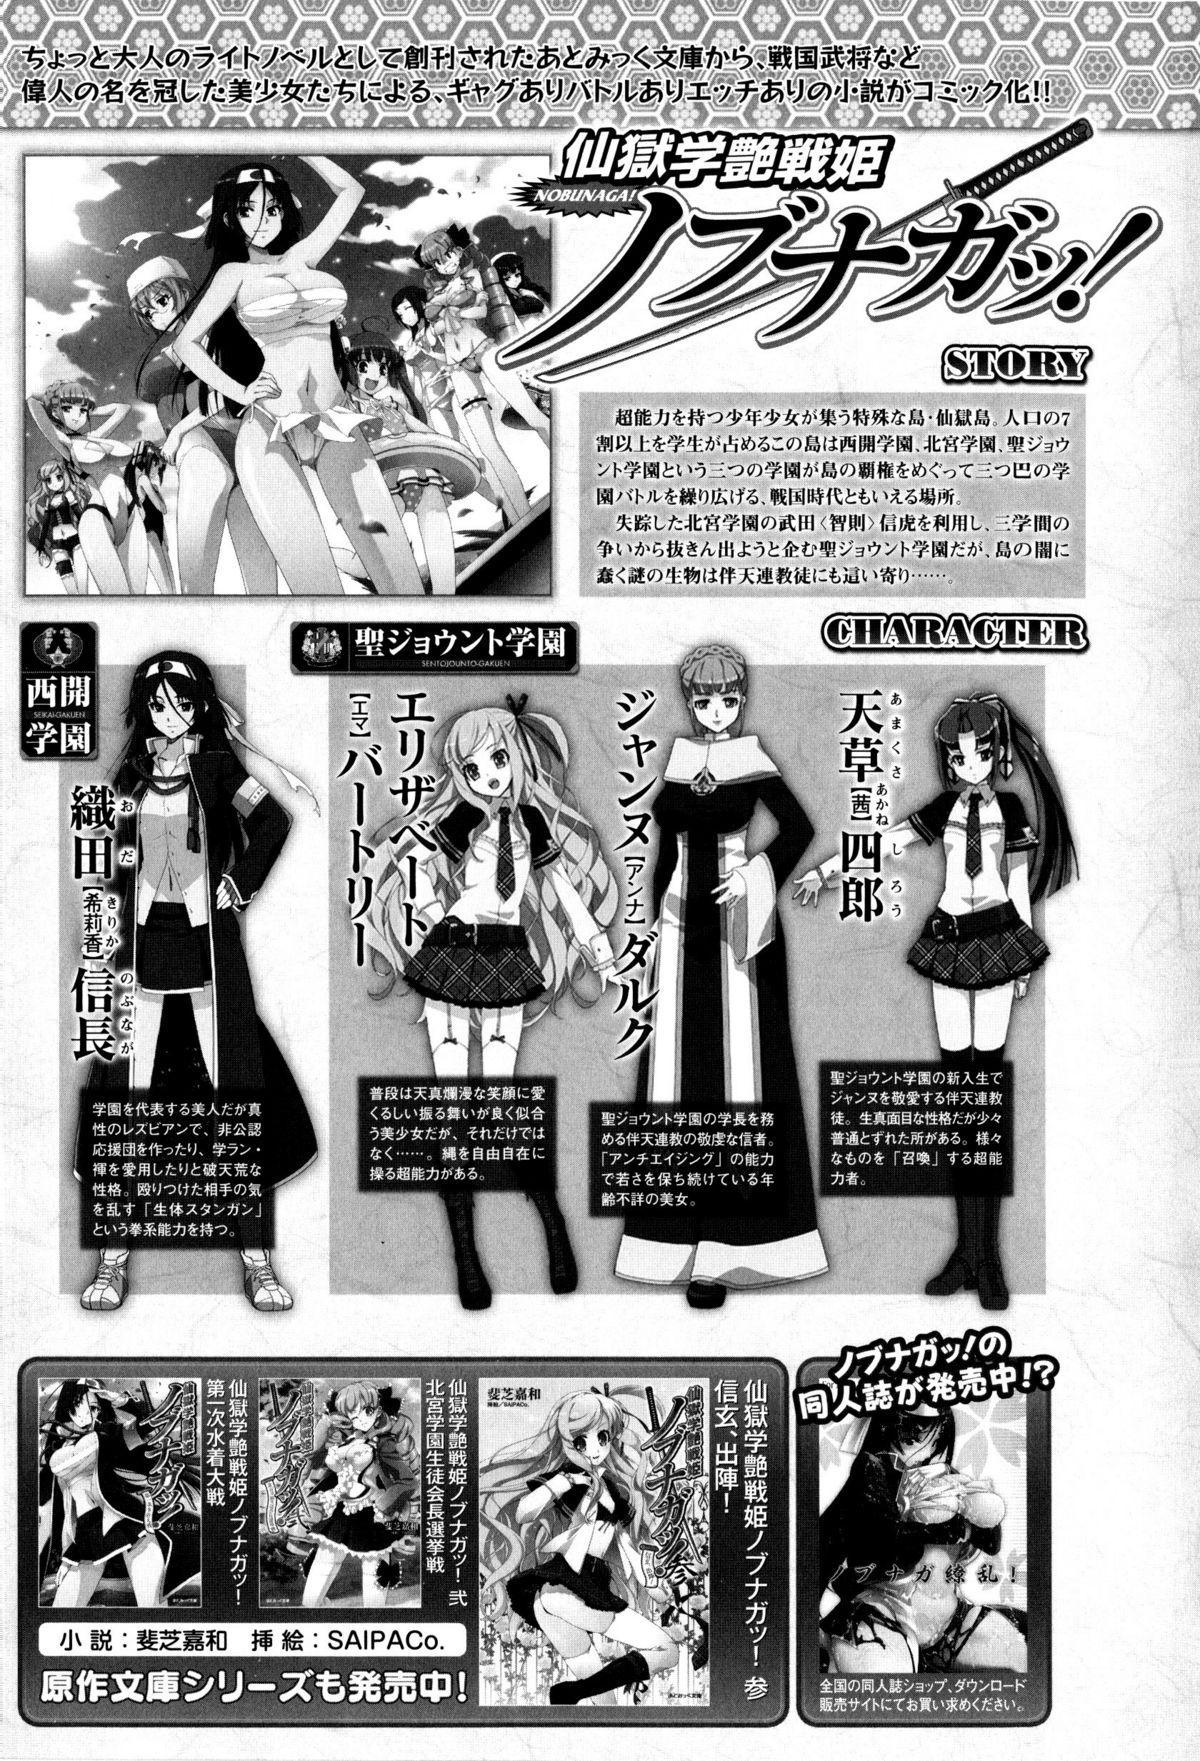 Toushin Engi Vol. 8 29